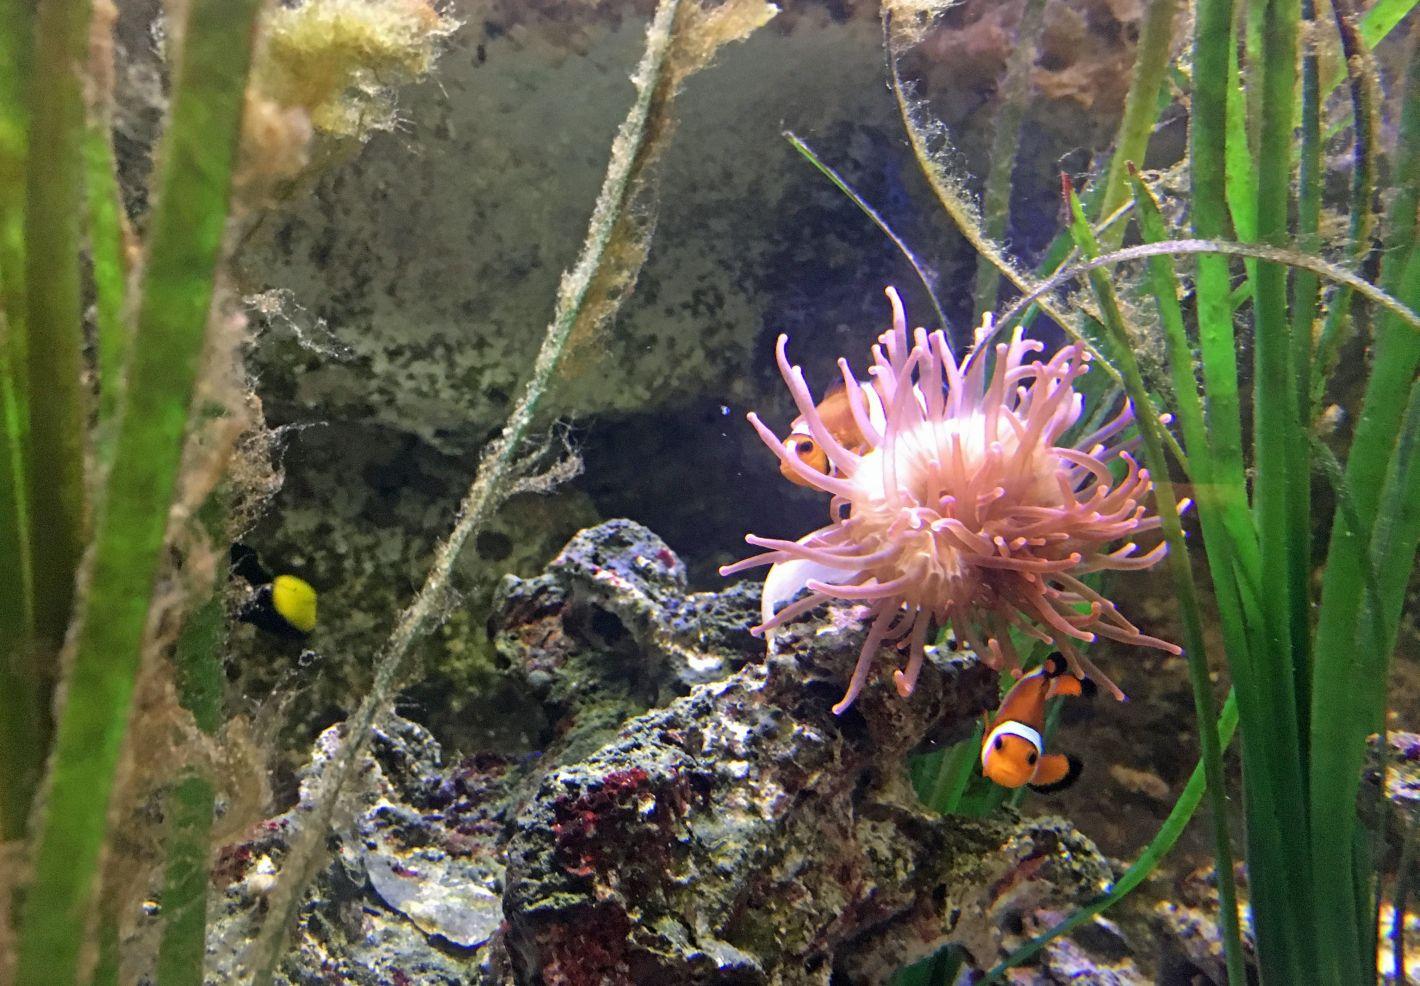 Des poissons-clowns à proximité d'une anémone de mer au Grand Aquarium de Touraine